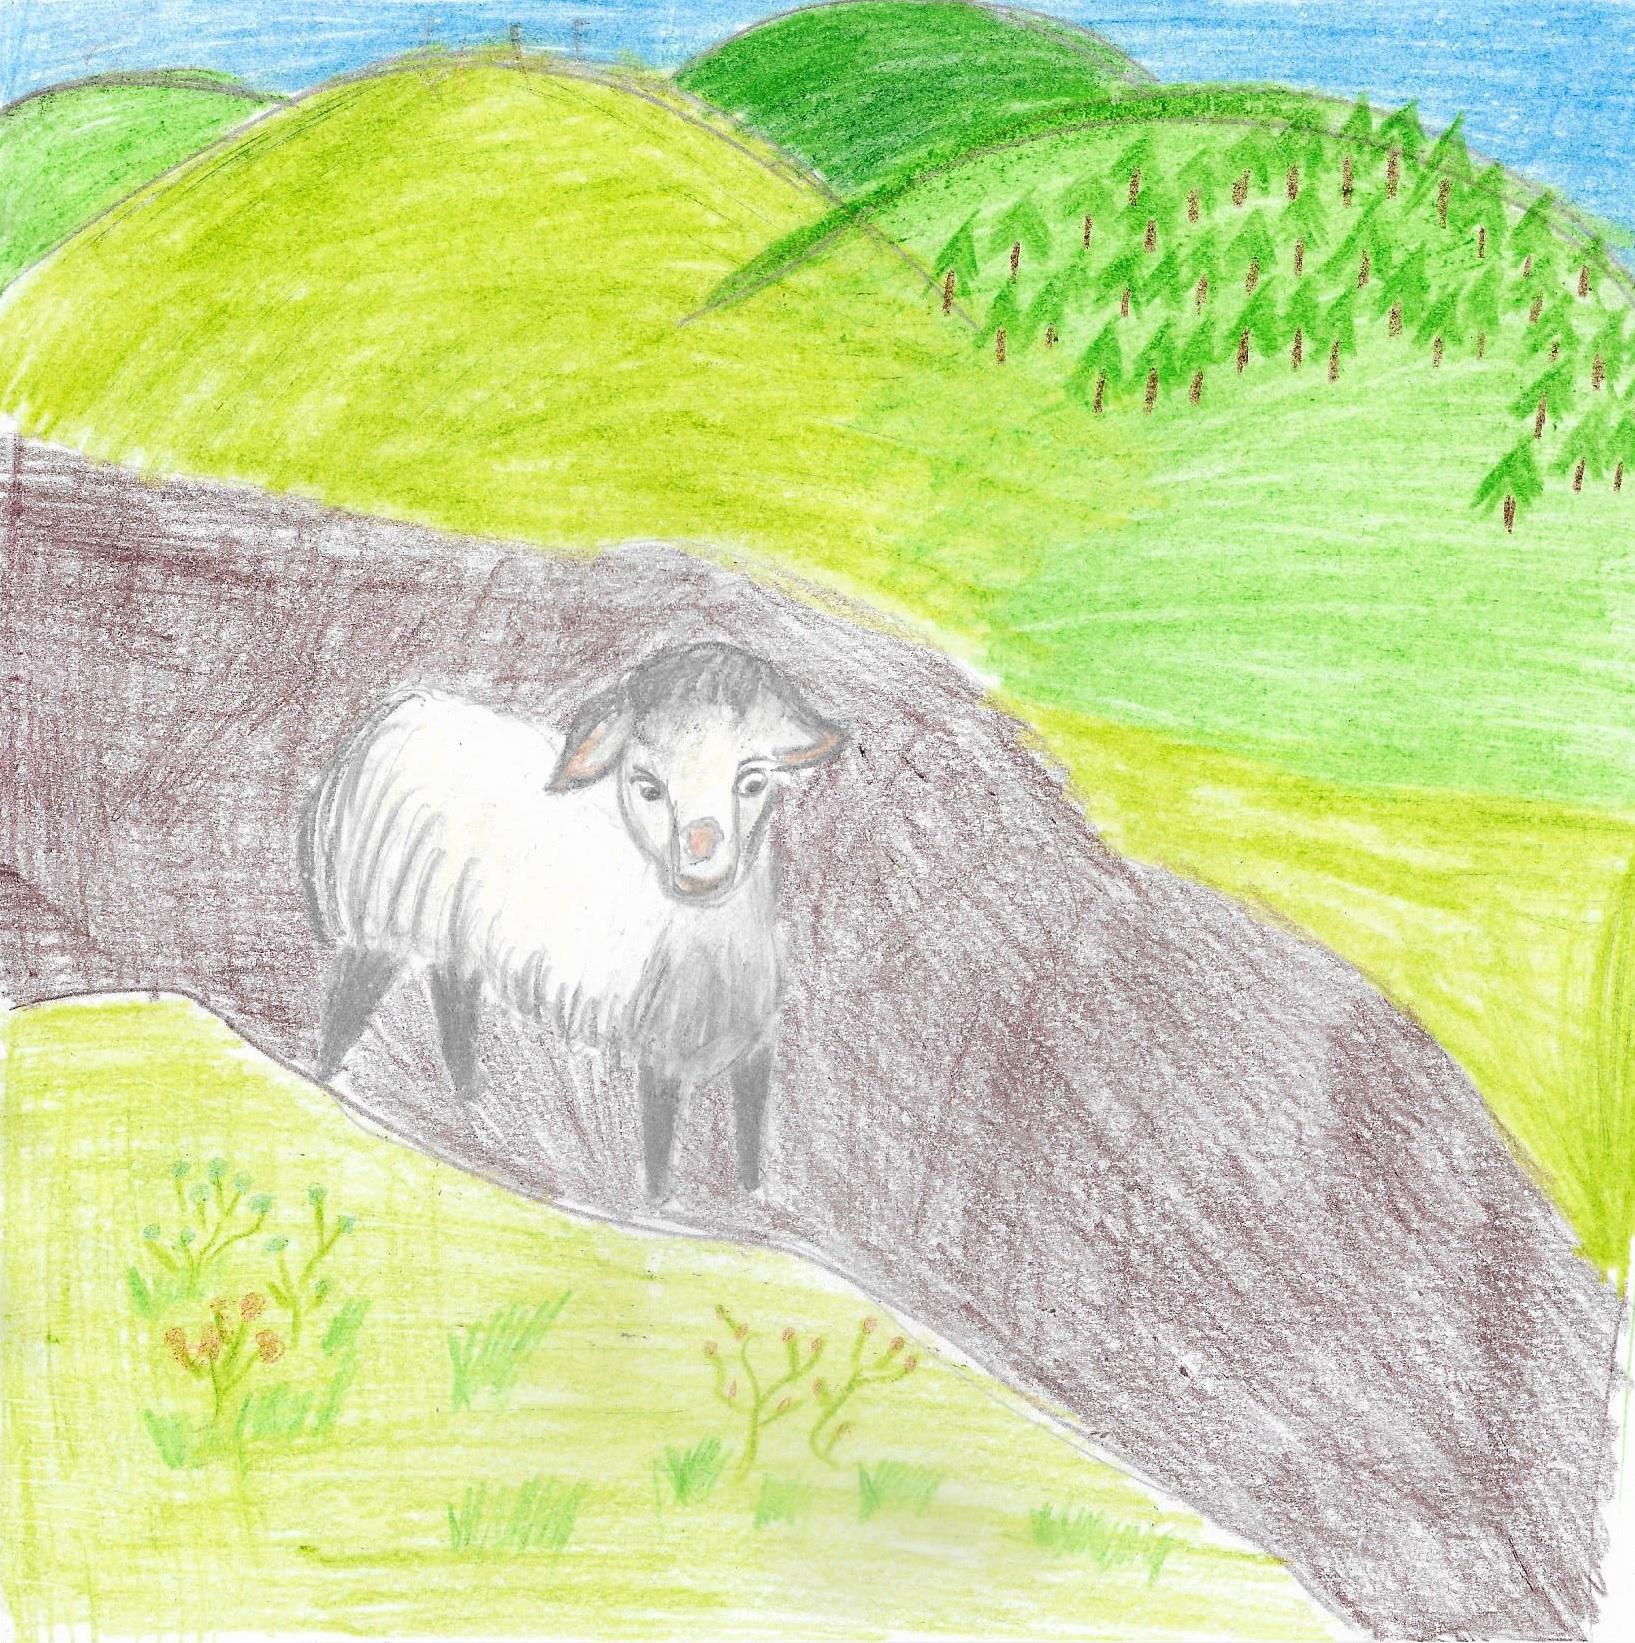 Niesforna owca